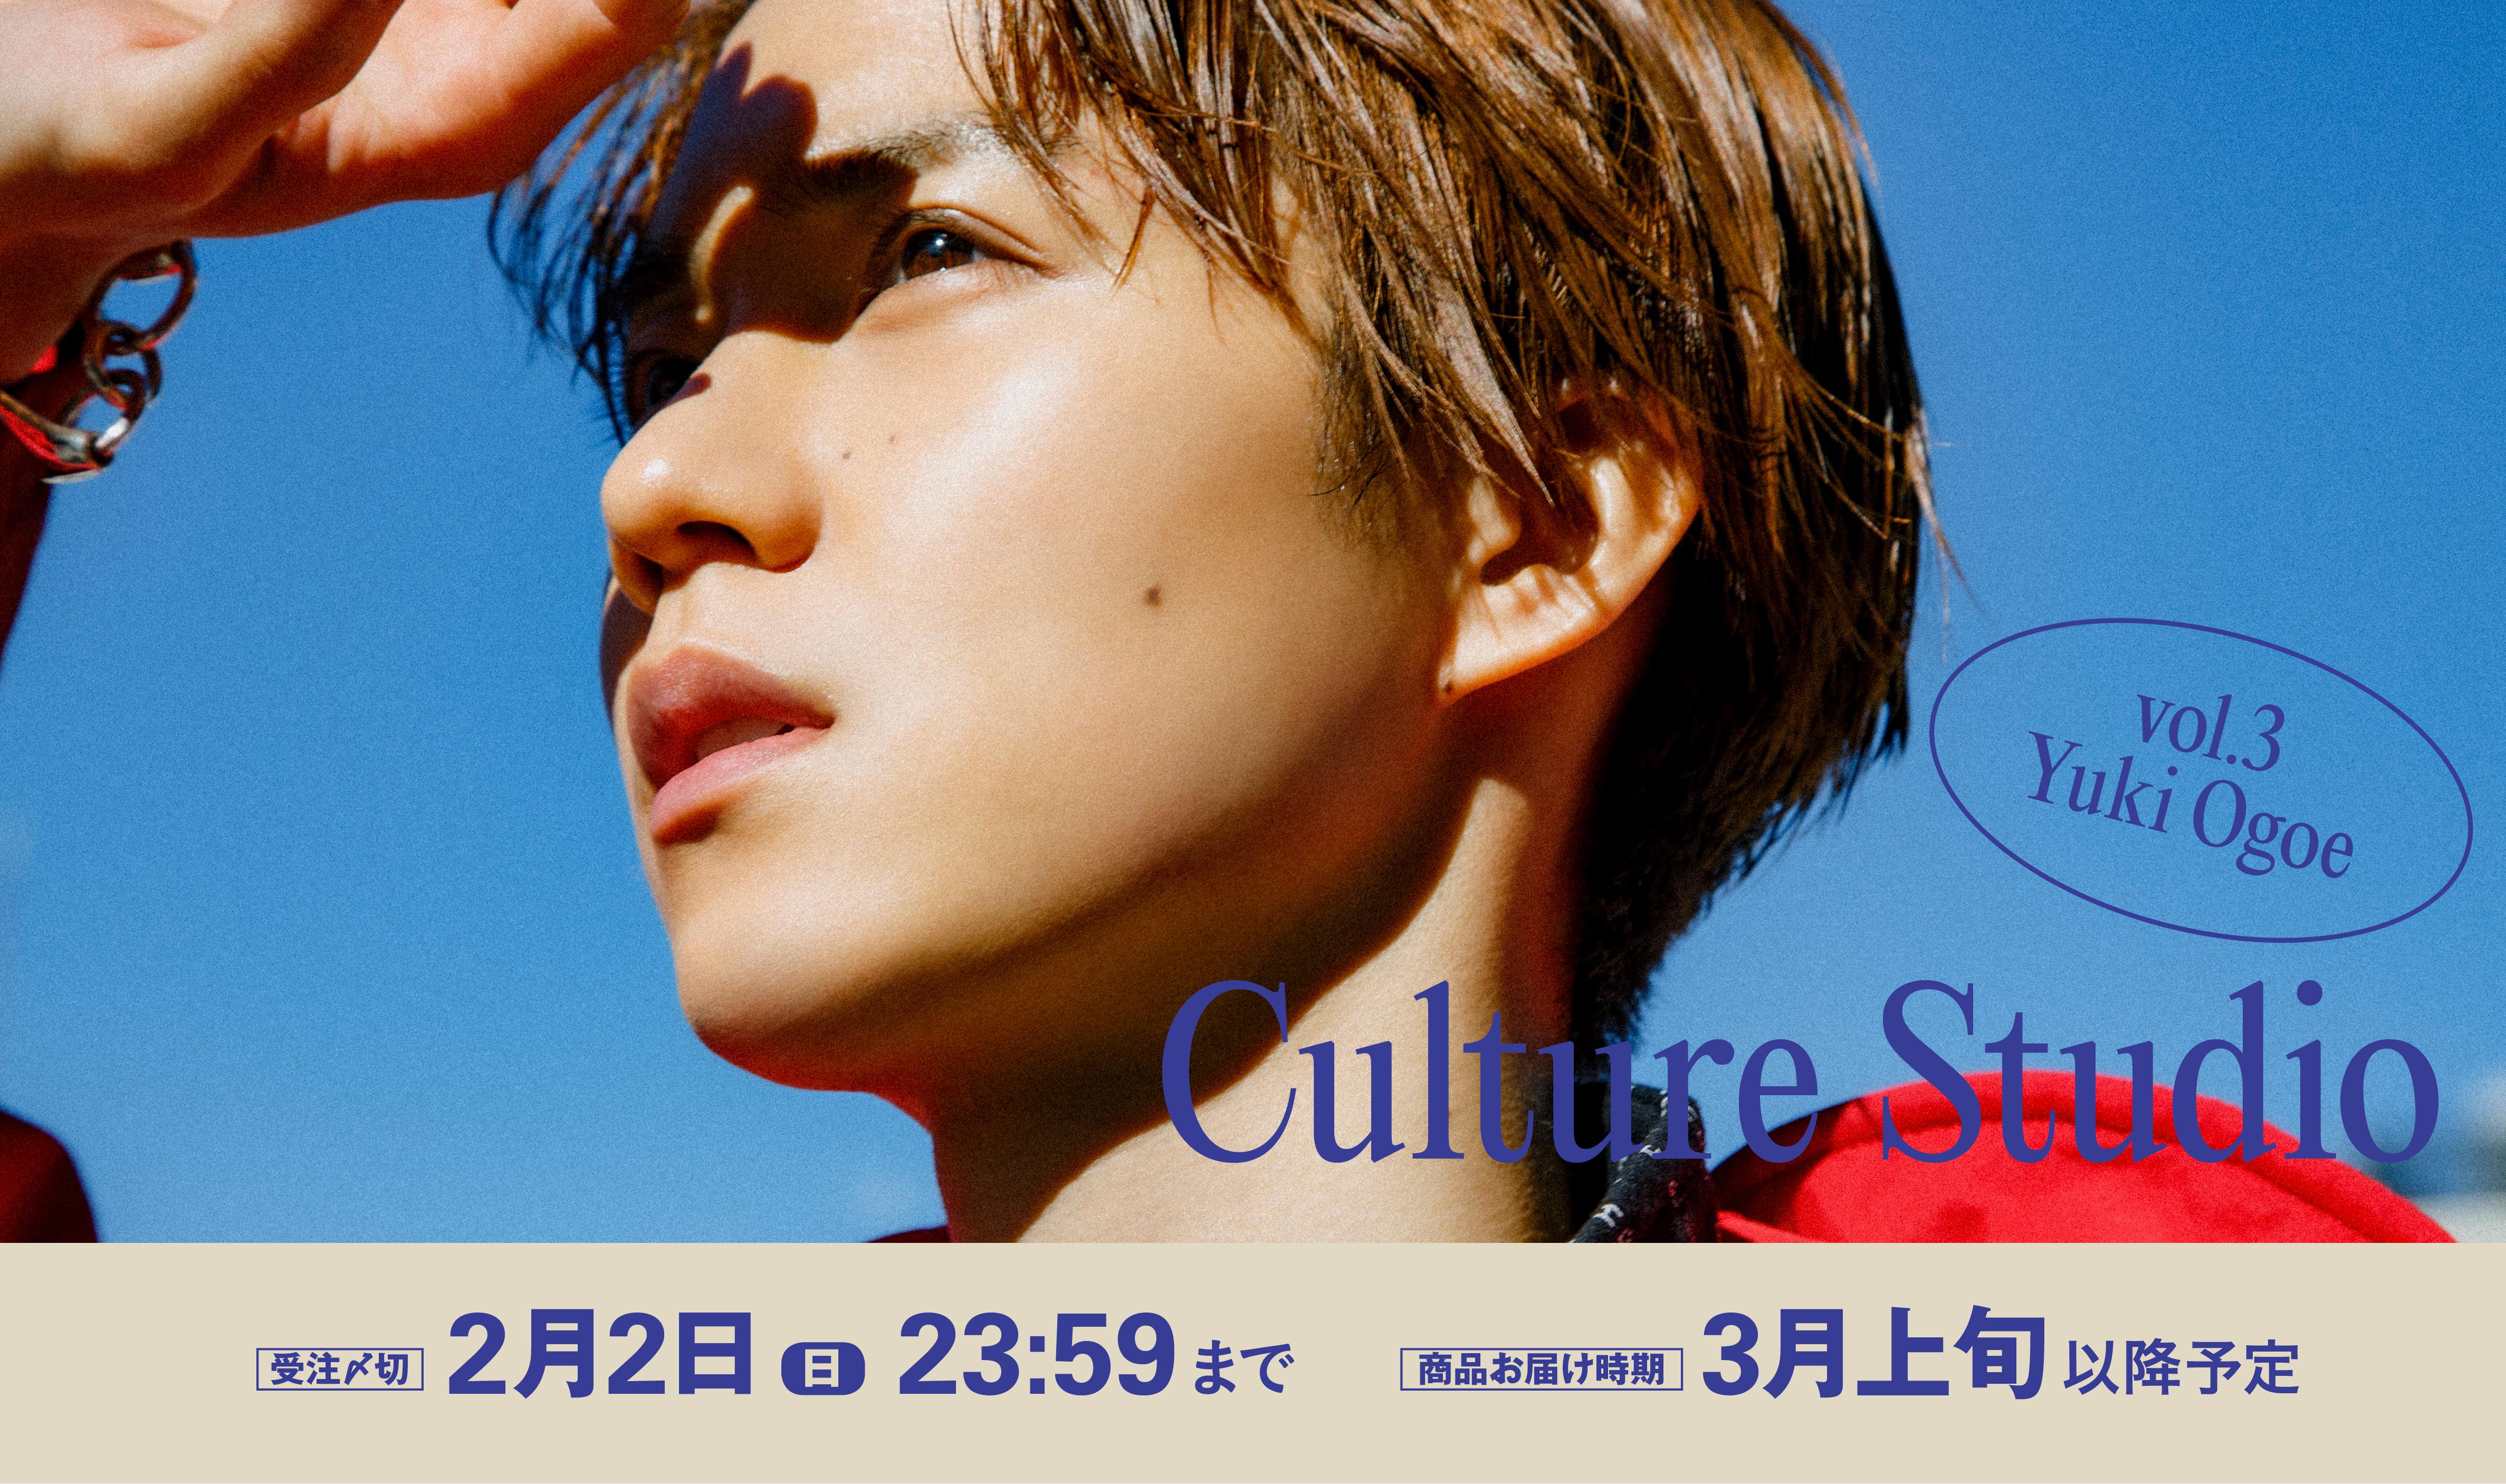 CULTURE STUDIO vol.3 小越勇輝